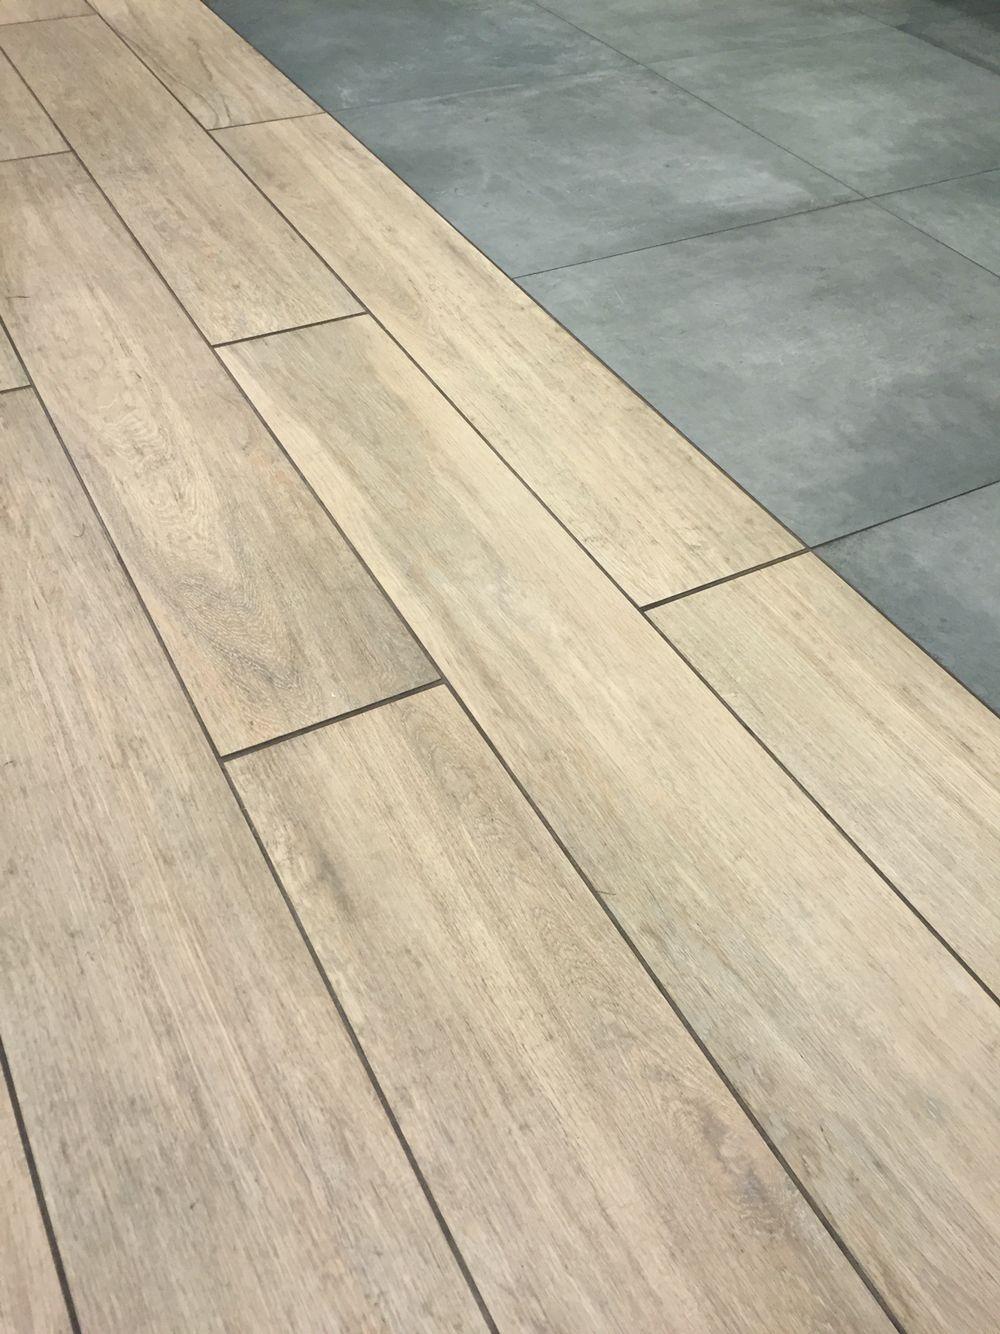 Kronos woodside oak 20x120 cm vloertegels keramisch parket ...